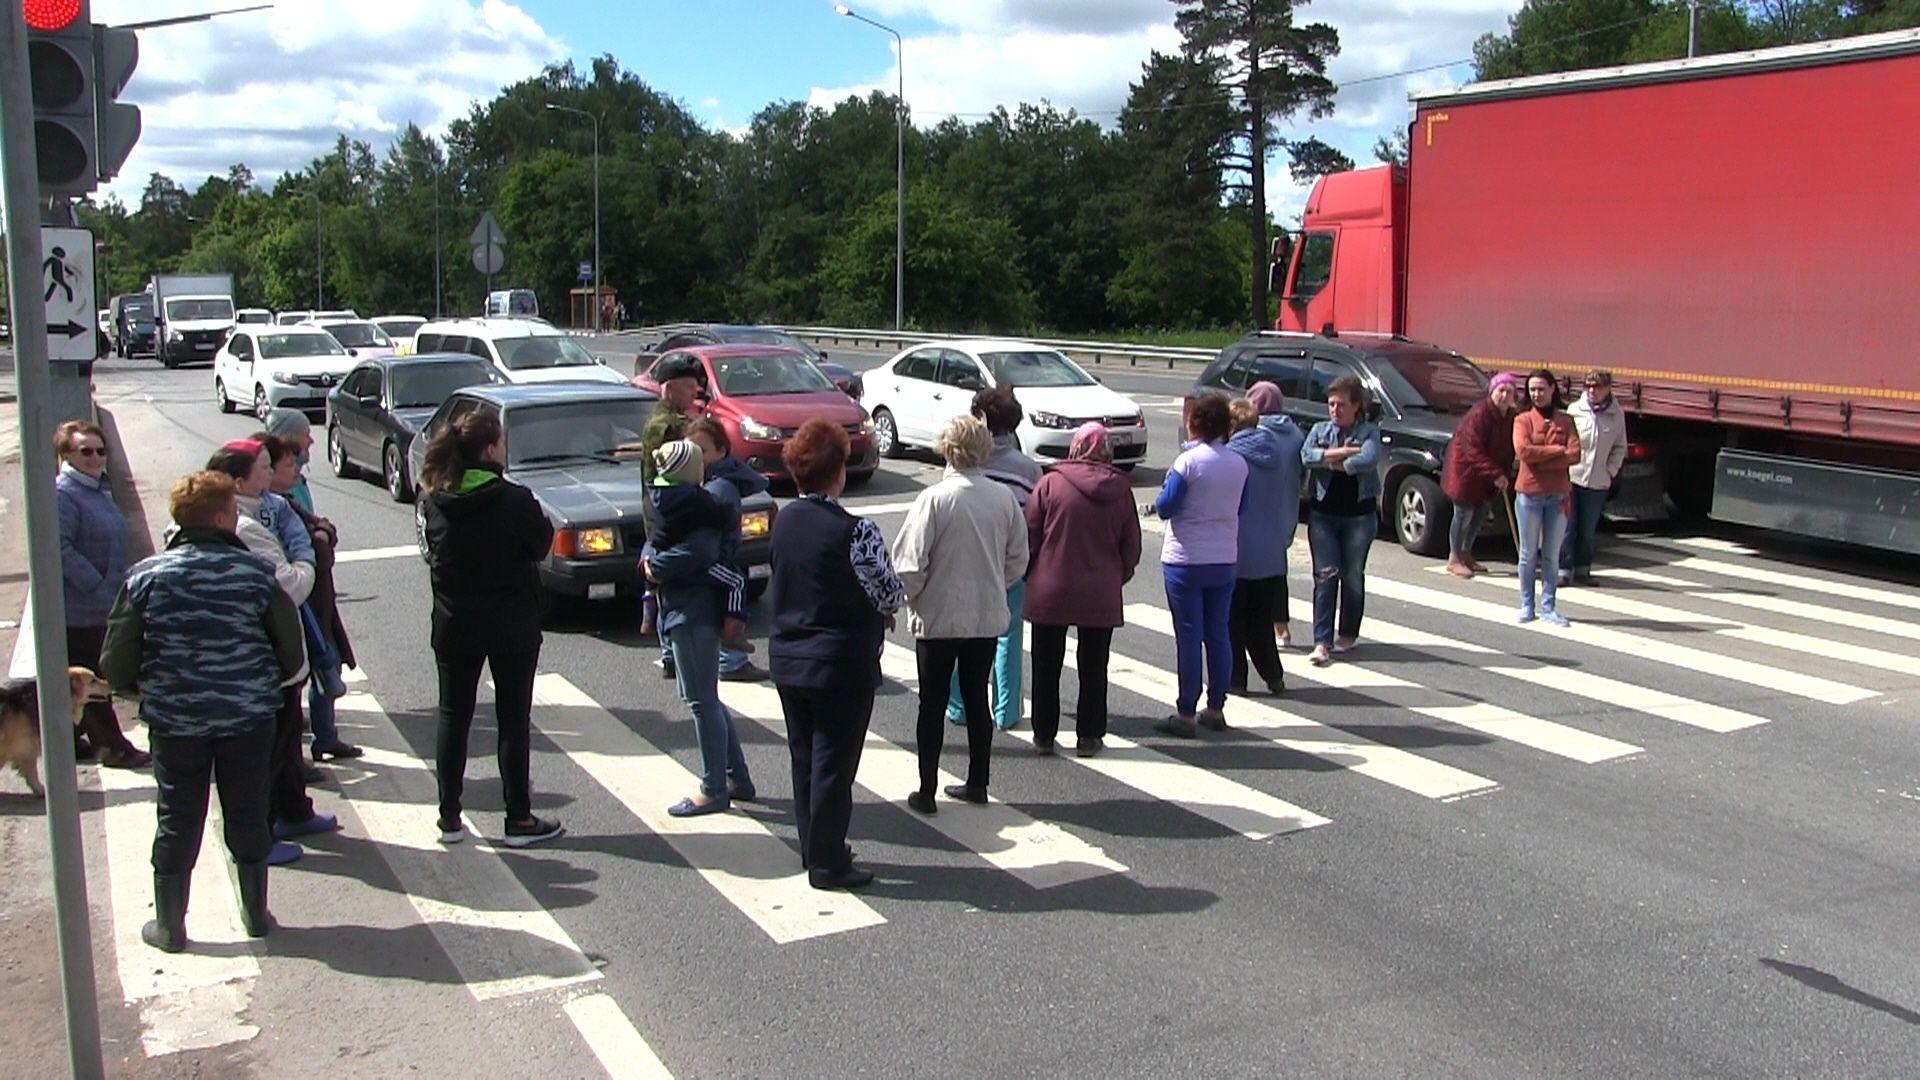 Блокады дорог как метод борьбы возвращаются в Россию